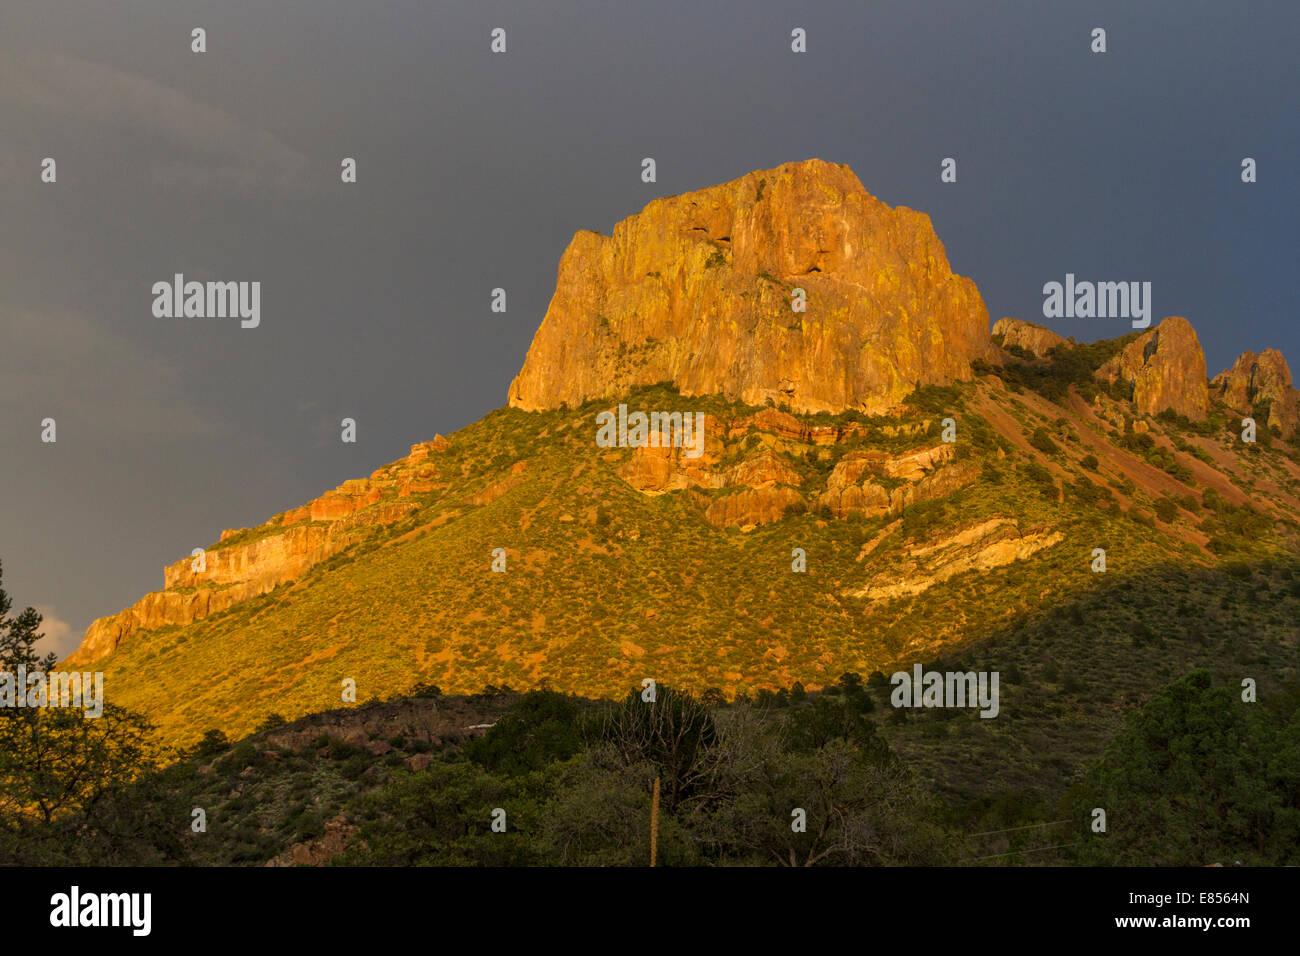 Tramonto di luce dorata sulla Casa Grande Mountain nelle Chisos Mountains nel Big Bend National Park nel Texas occidentale. Foto Stock